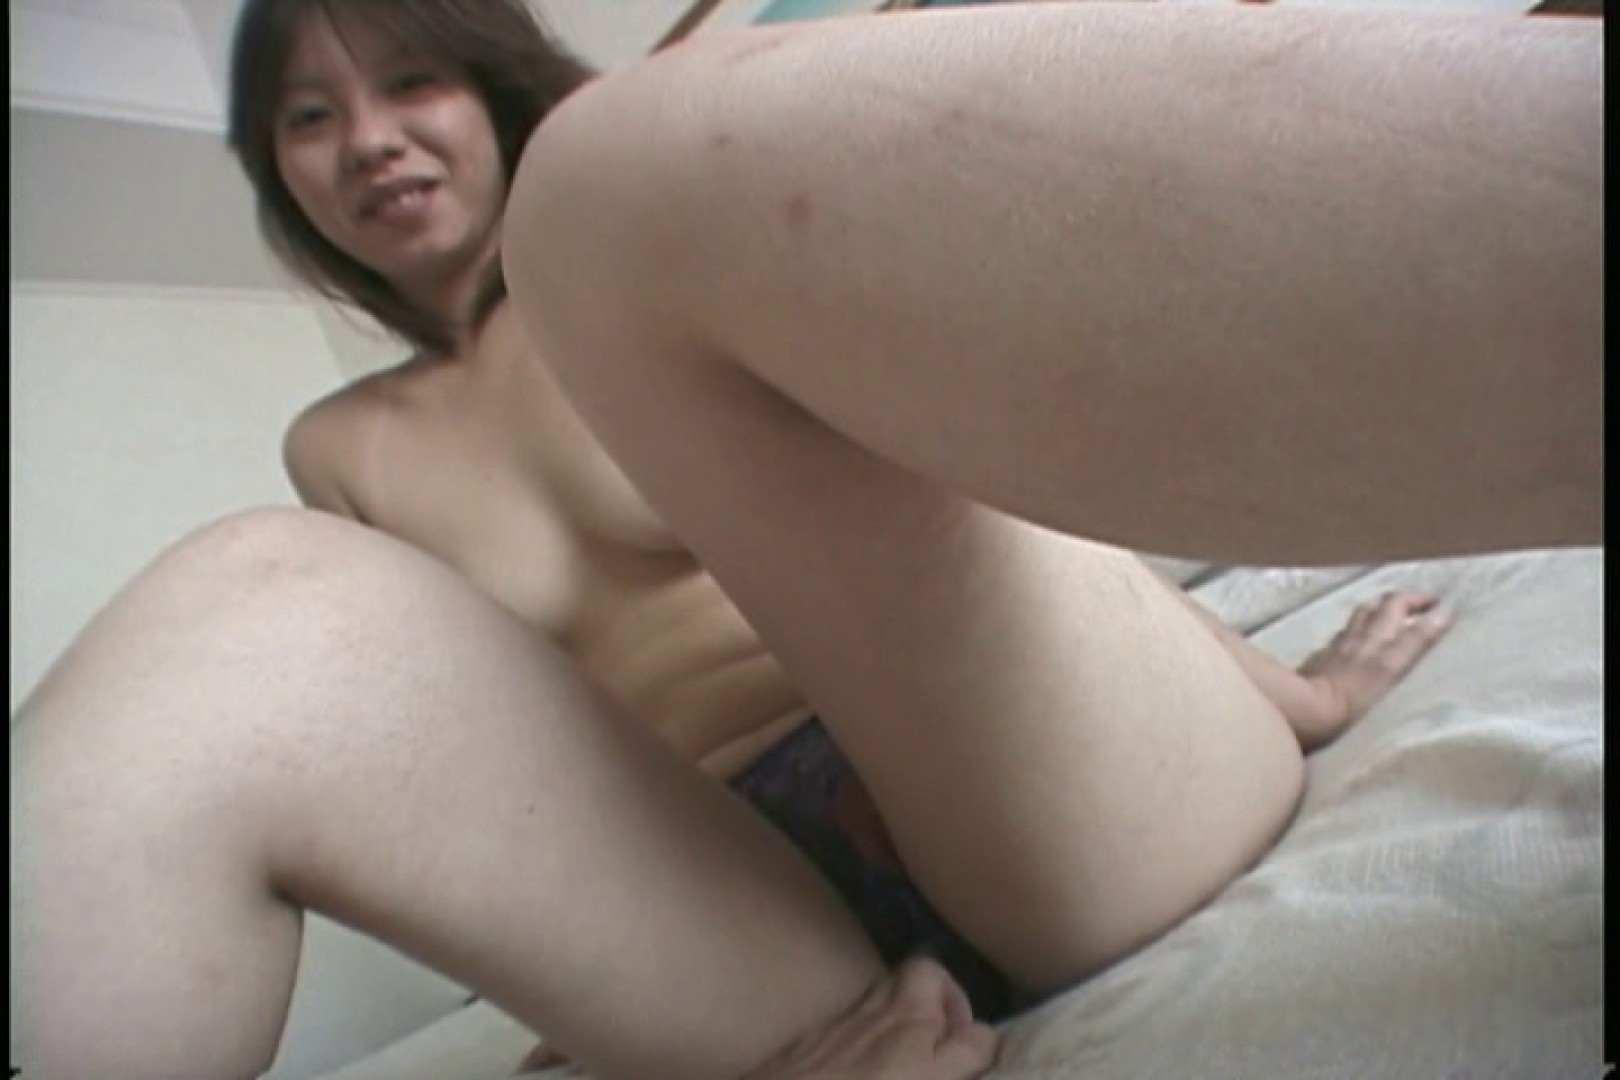 初めてのビデオ撮影に緊張する素人OLとセックス~武田じゅん~ 素人 | ギャル達のセックス  82画像 60